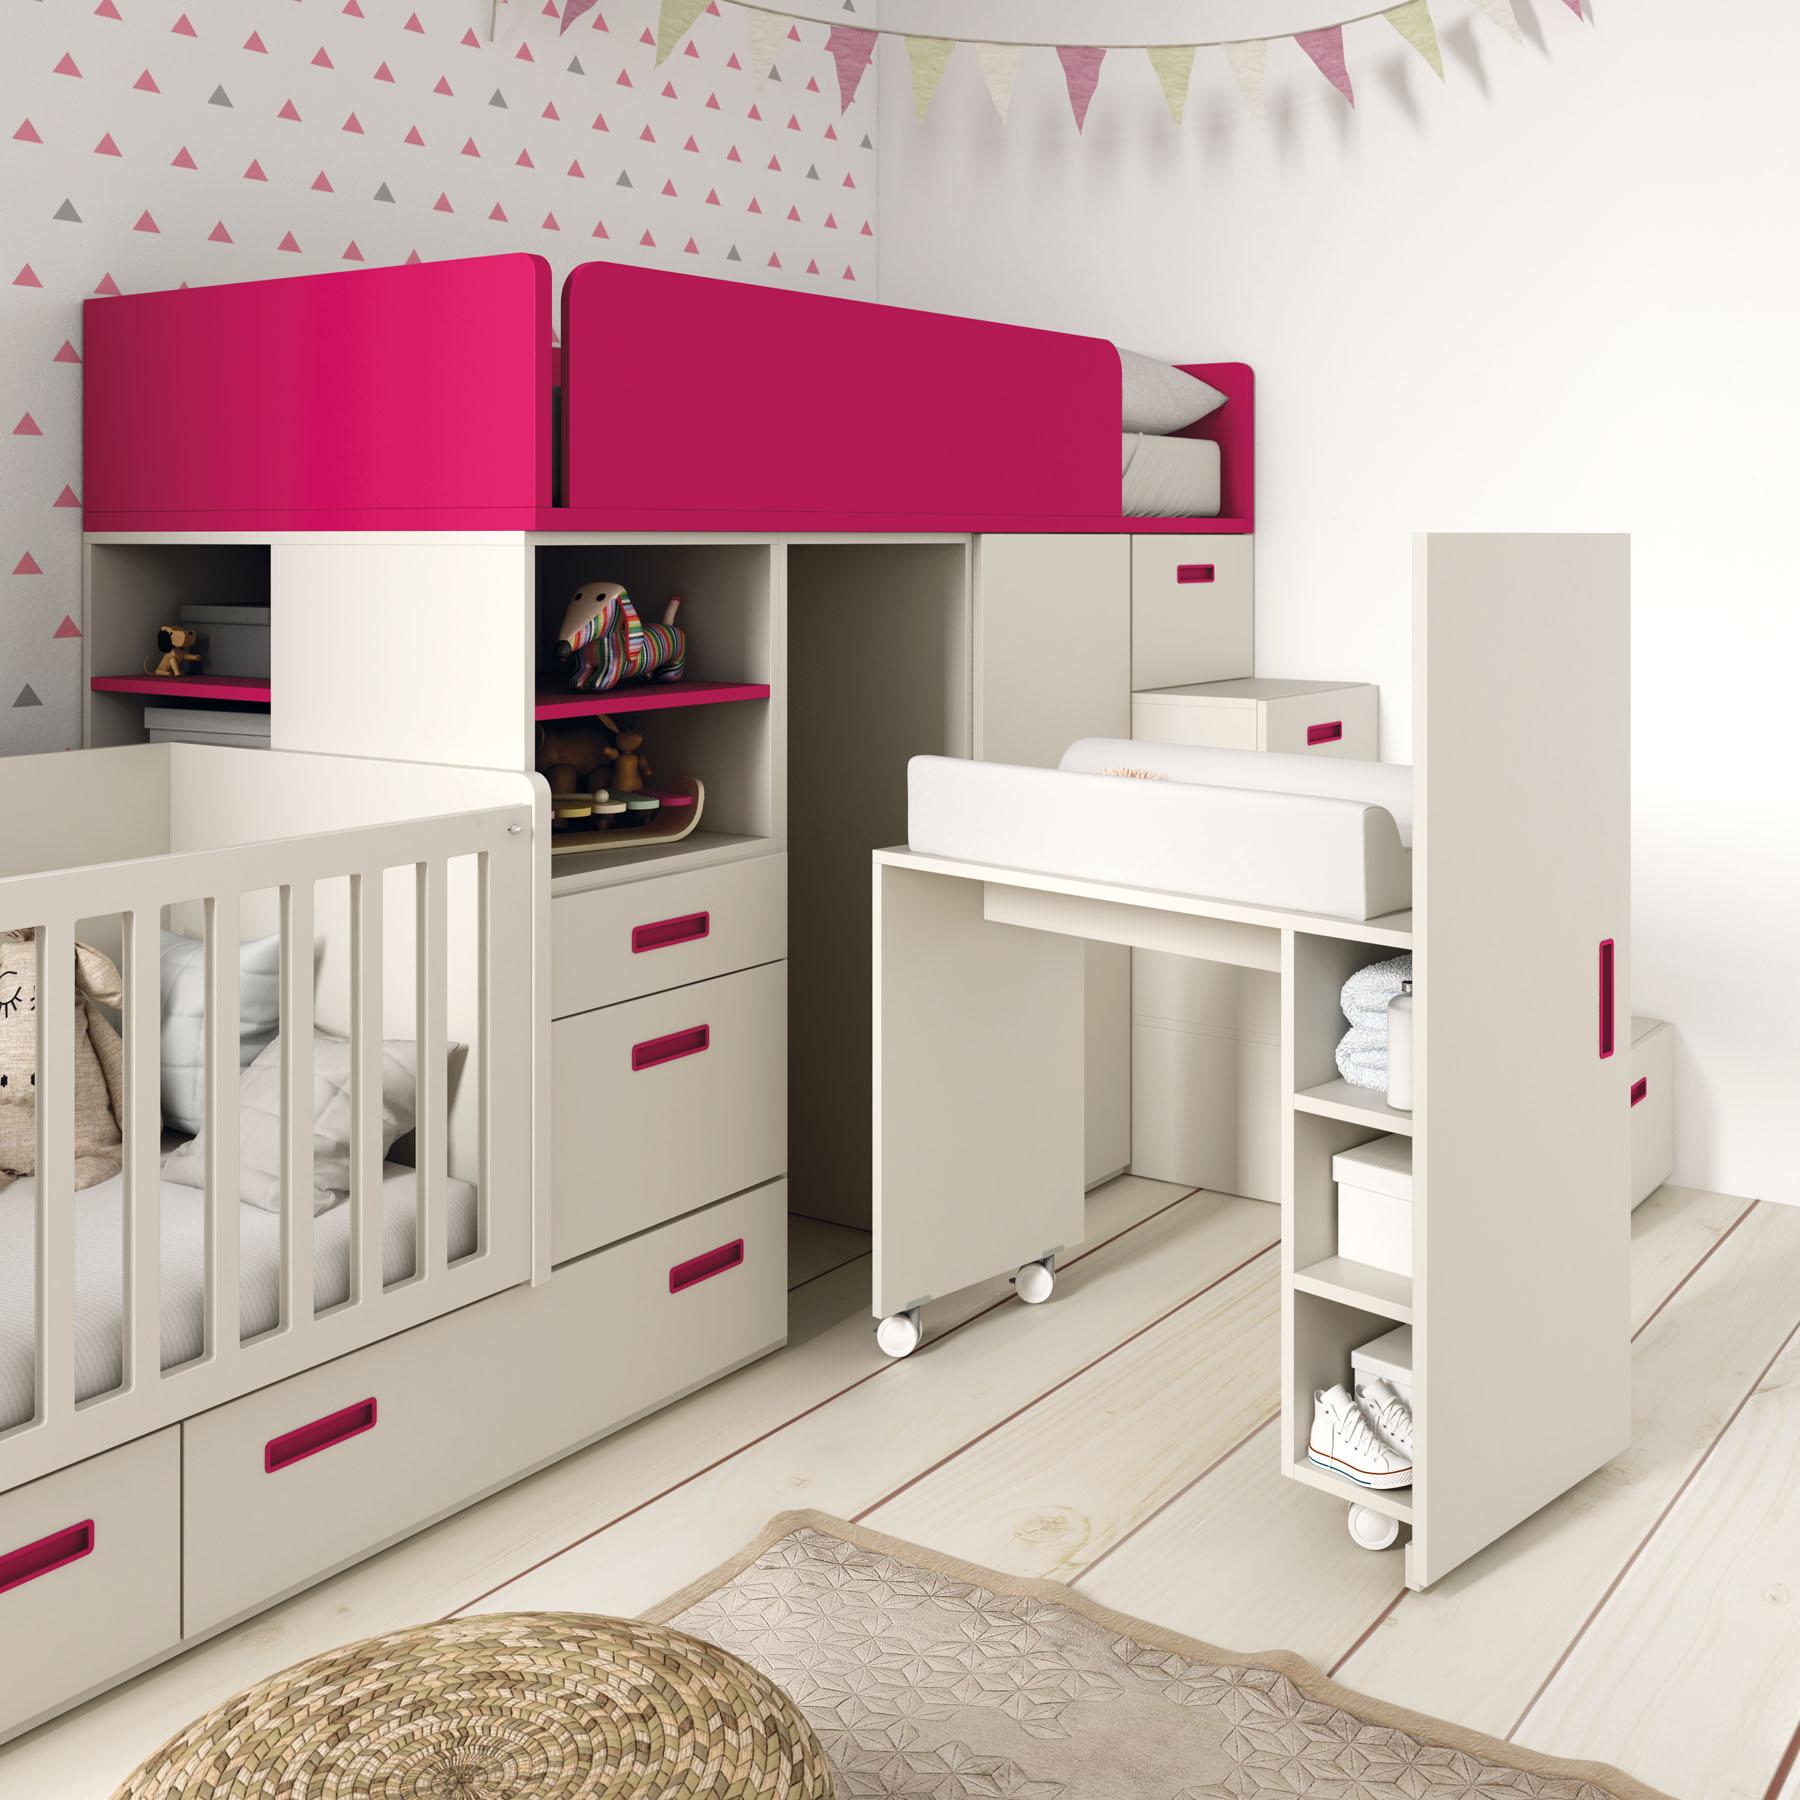 Atractivo Cunas Con Muebles Cambiador Composición - Muebles Para ...